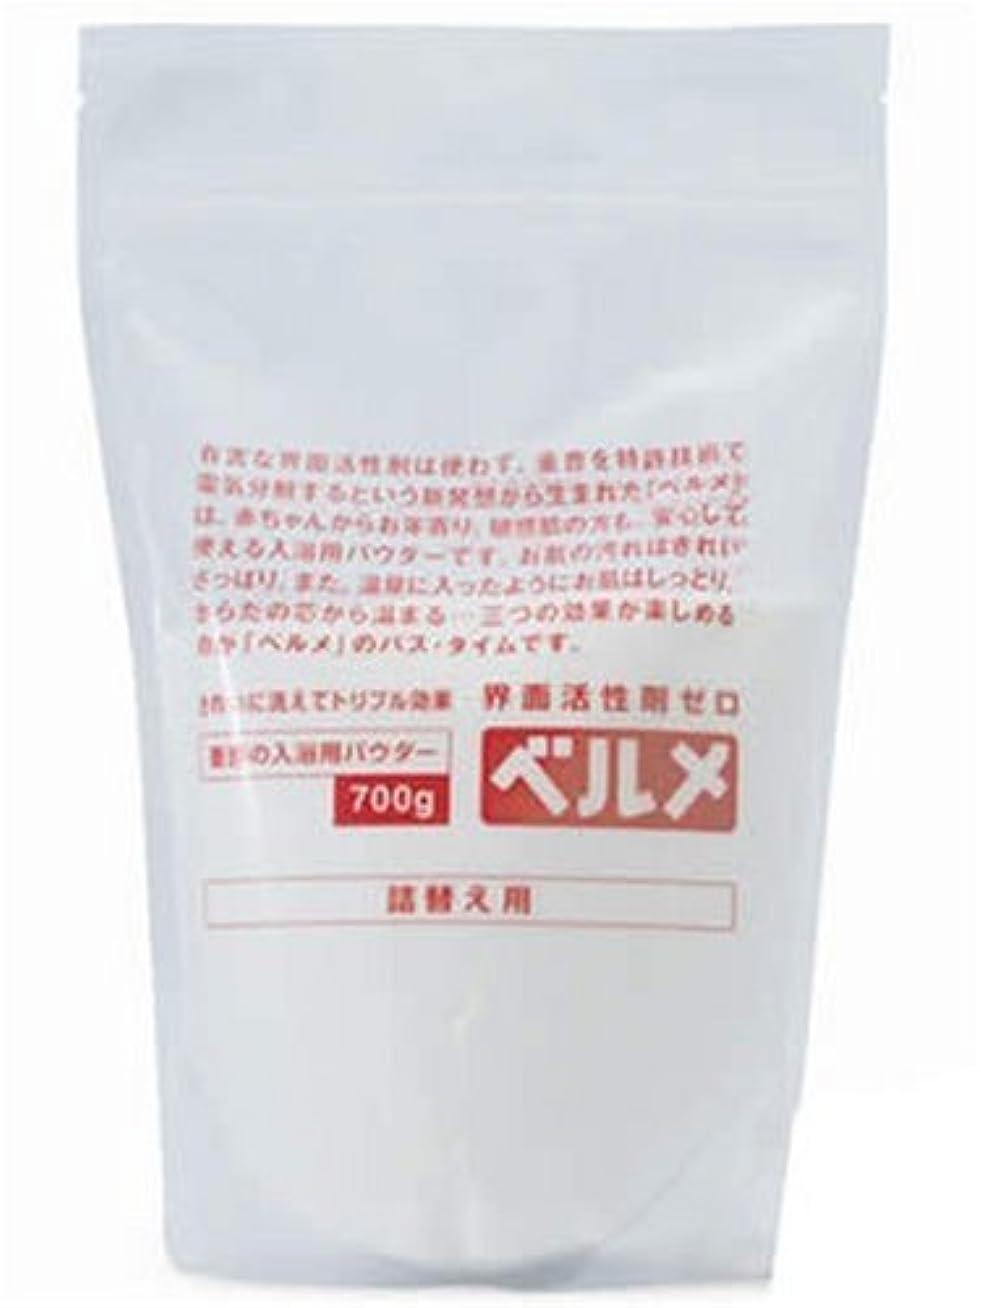 接続詞ローンヒントベルメ 重曹入浴用パウダー(界面活性剤ゼロ) 700g